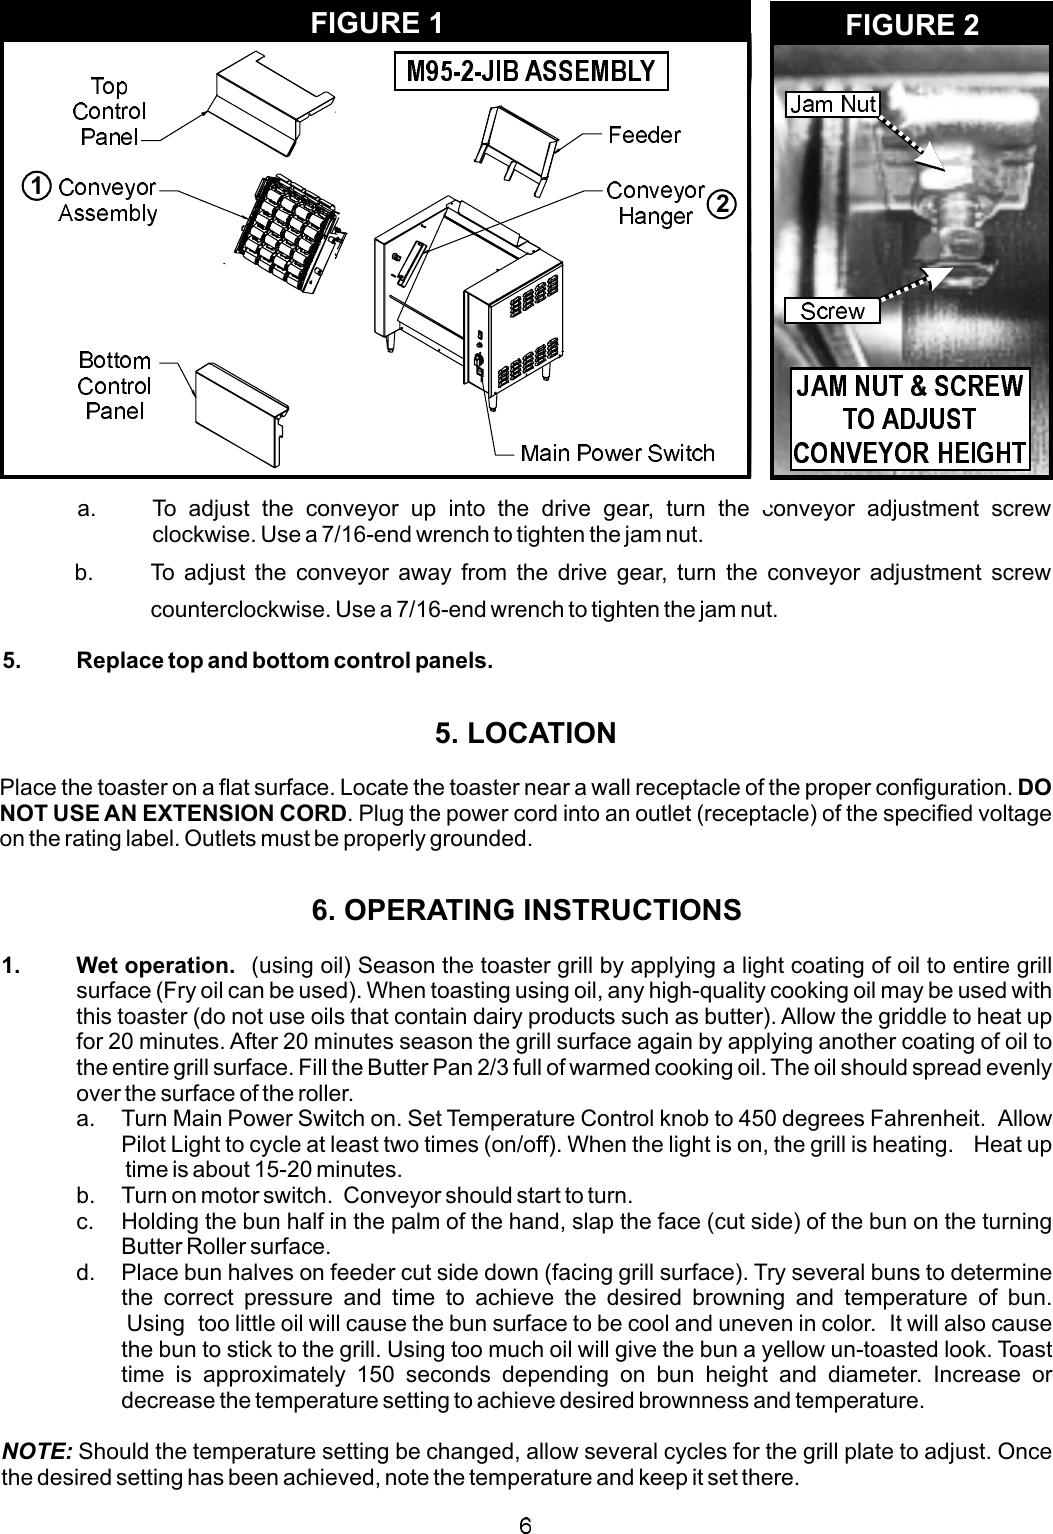 Apw Wyott M95 2 Jib Users Manual on